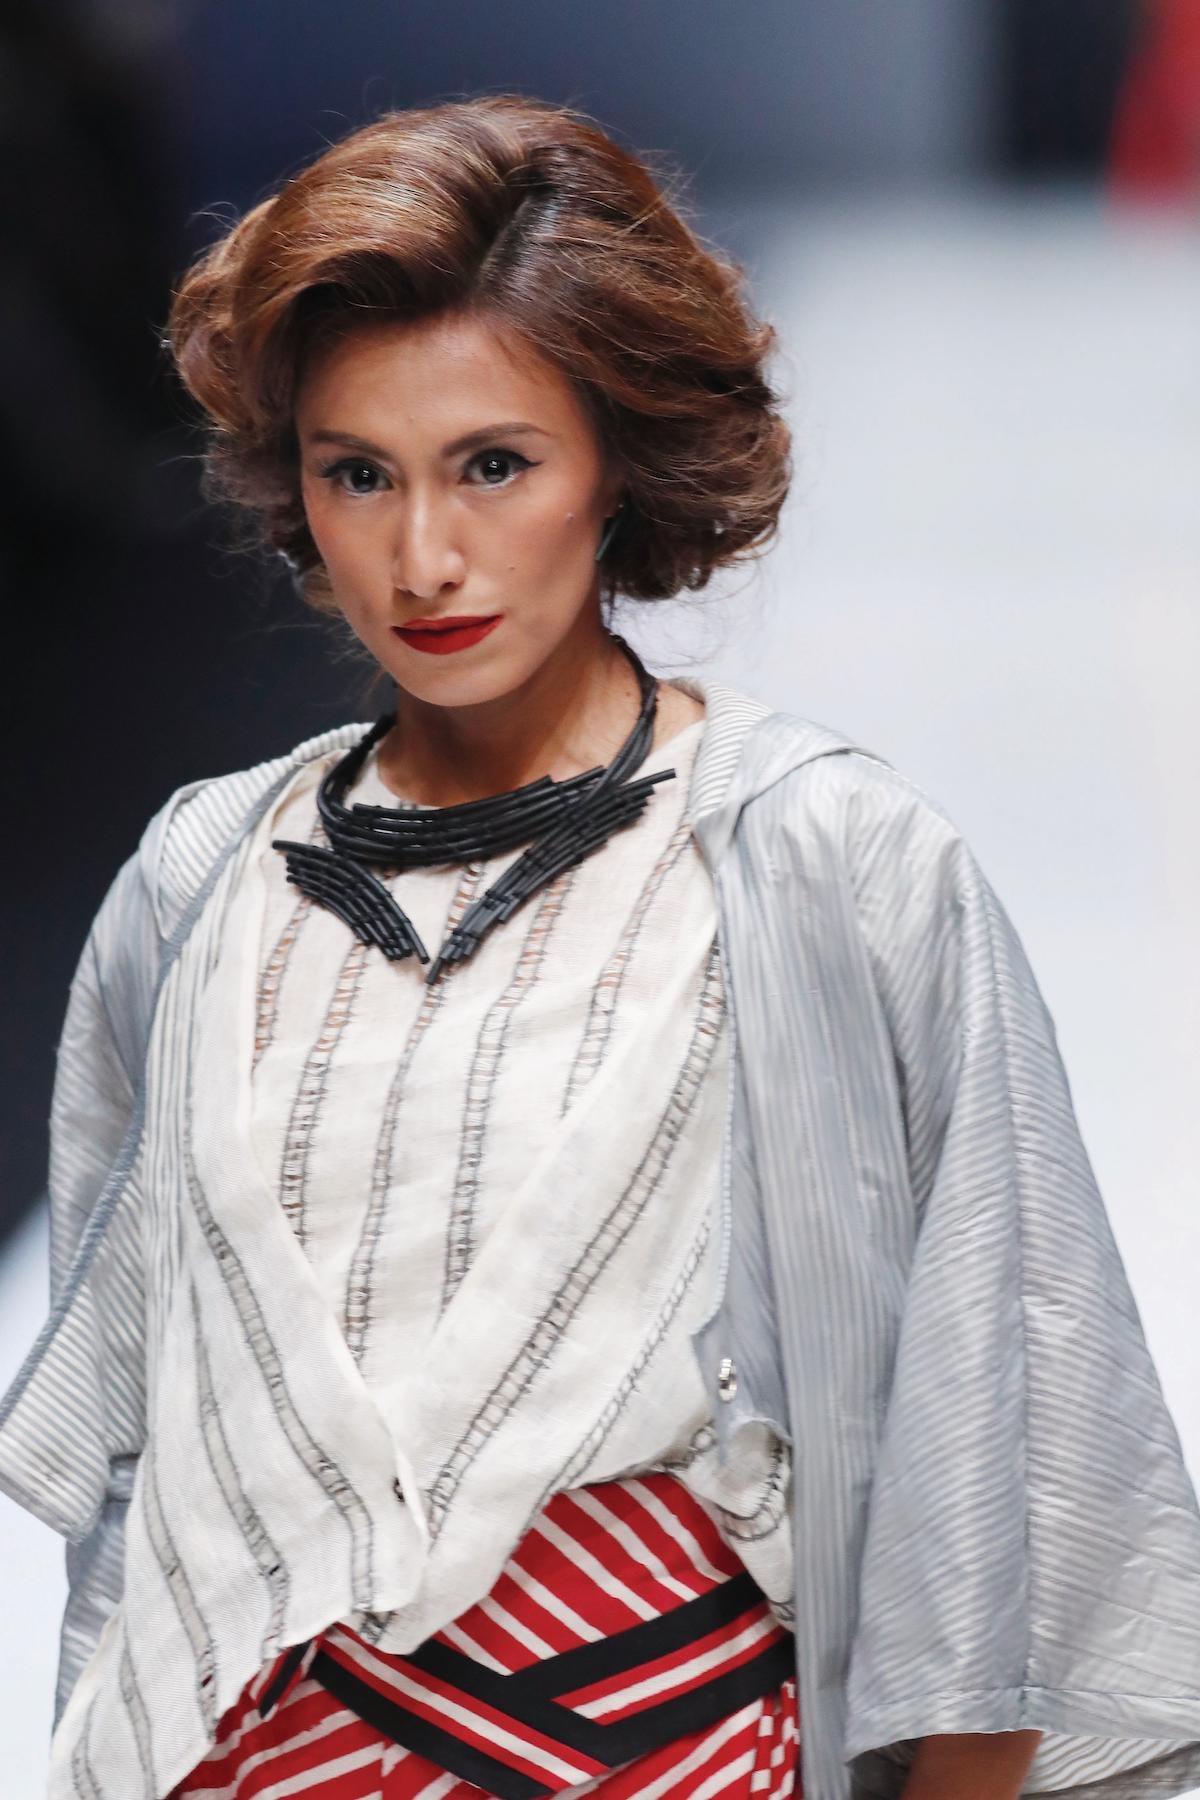 Wanita asia dengan warna rambut brown copper